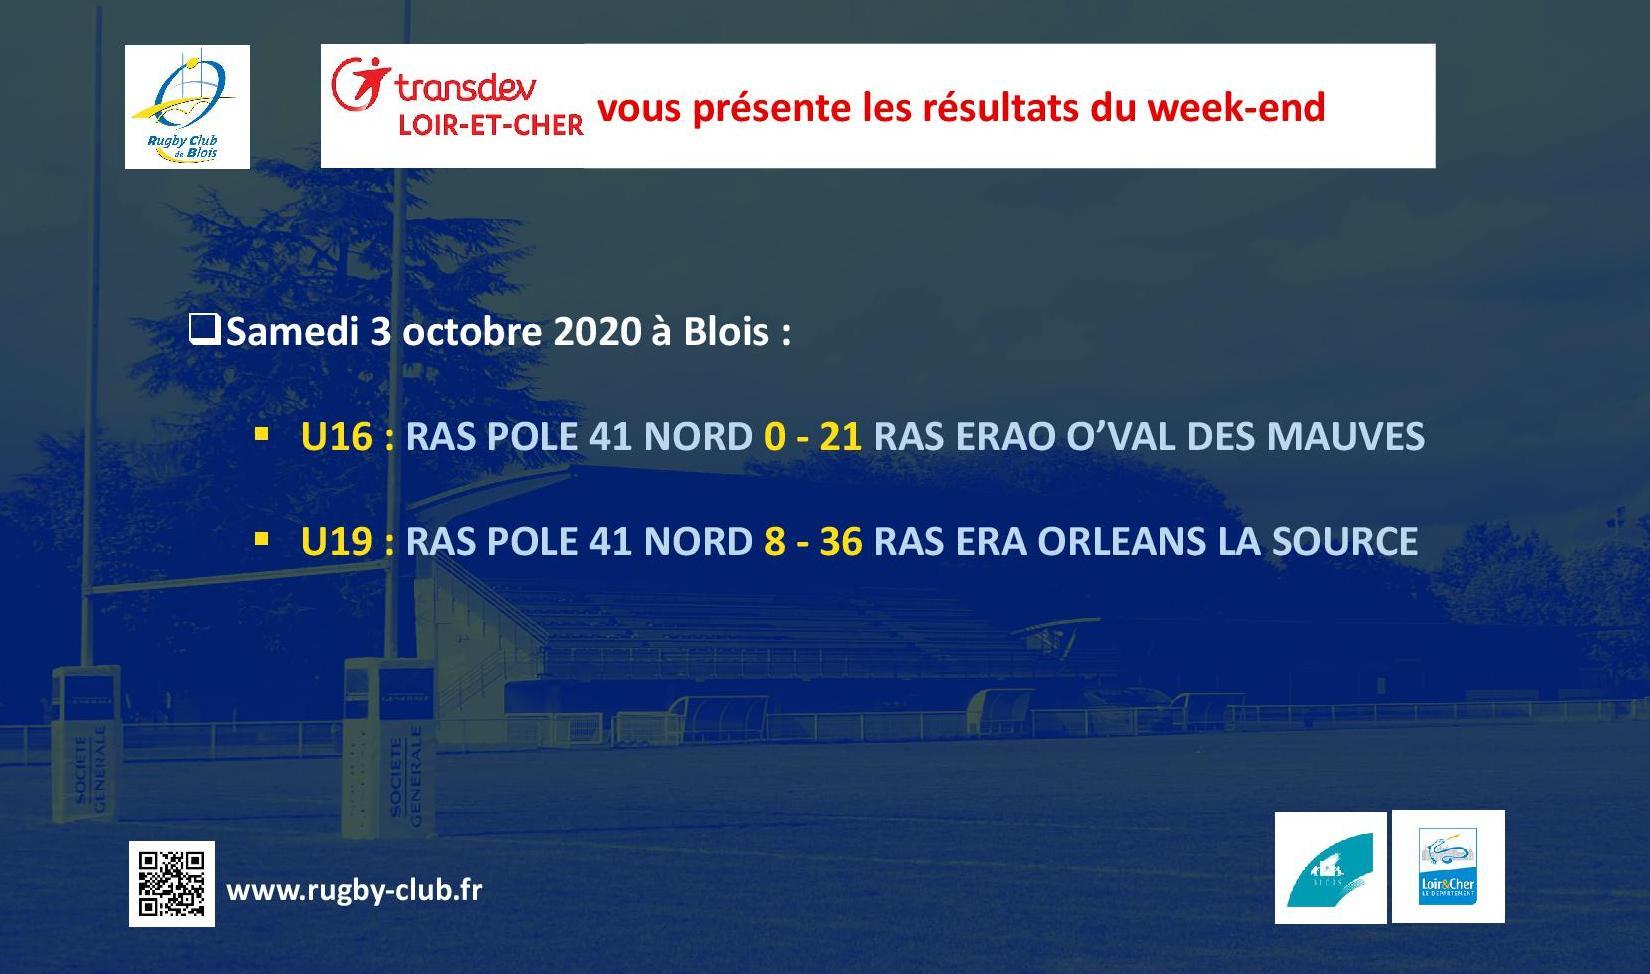 RC Blois : Les résultats du week-end des 3 et 4 octobre 2020